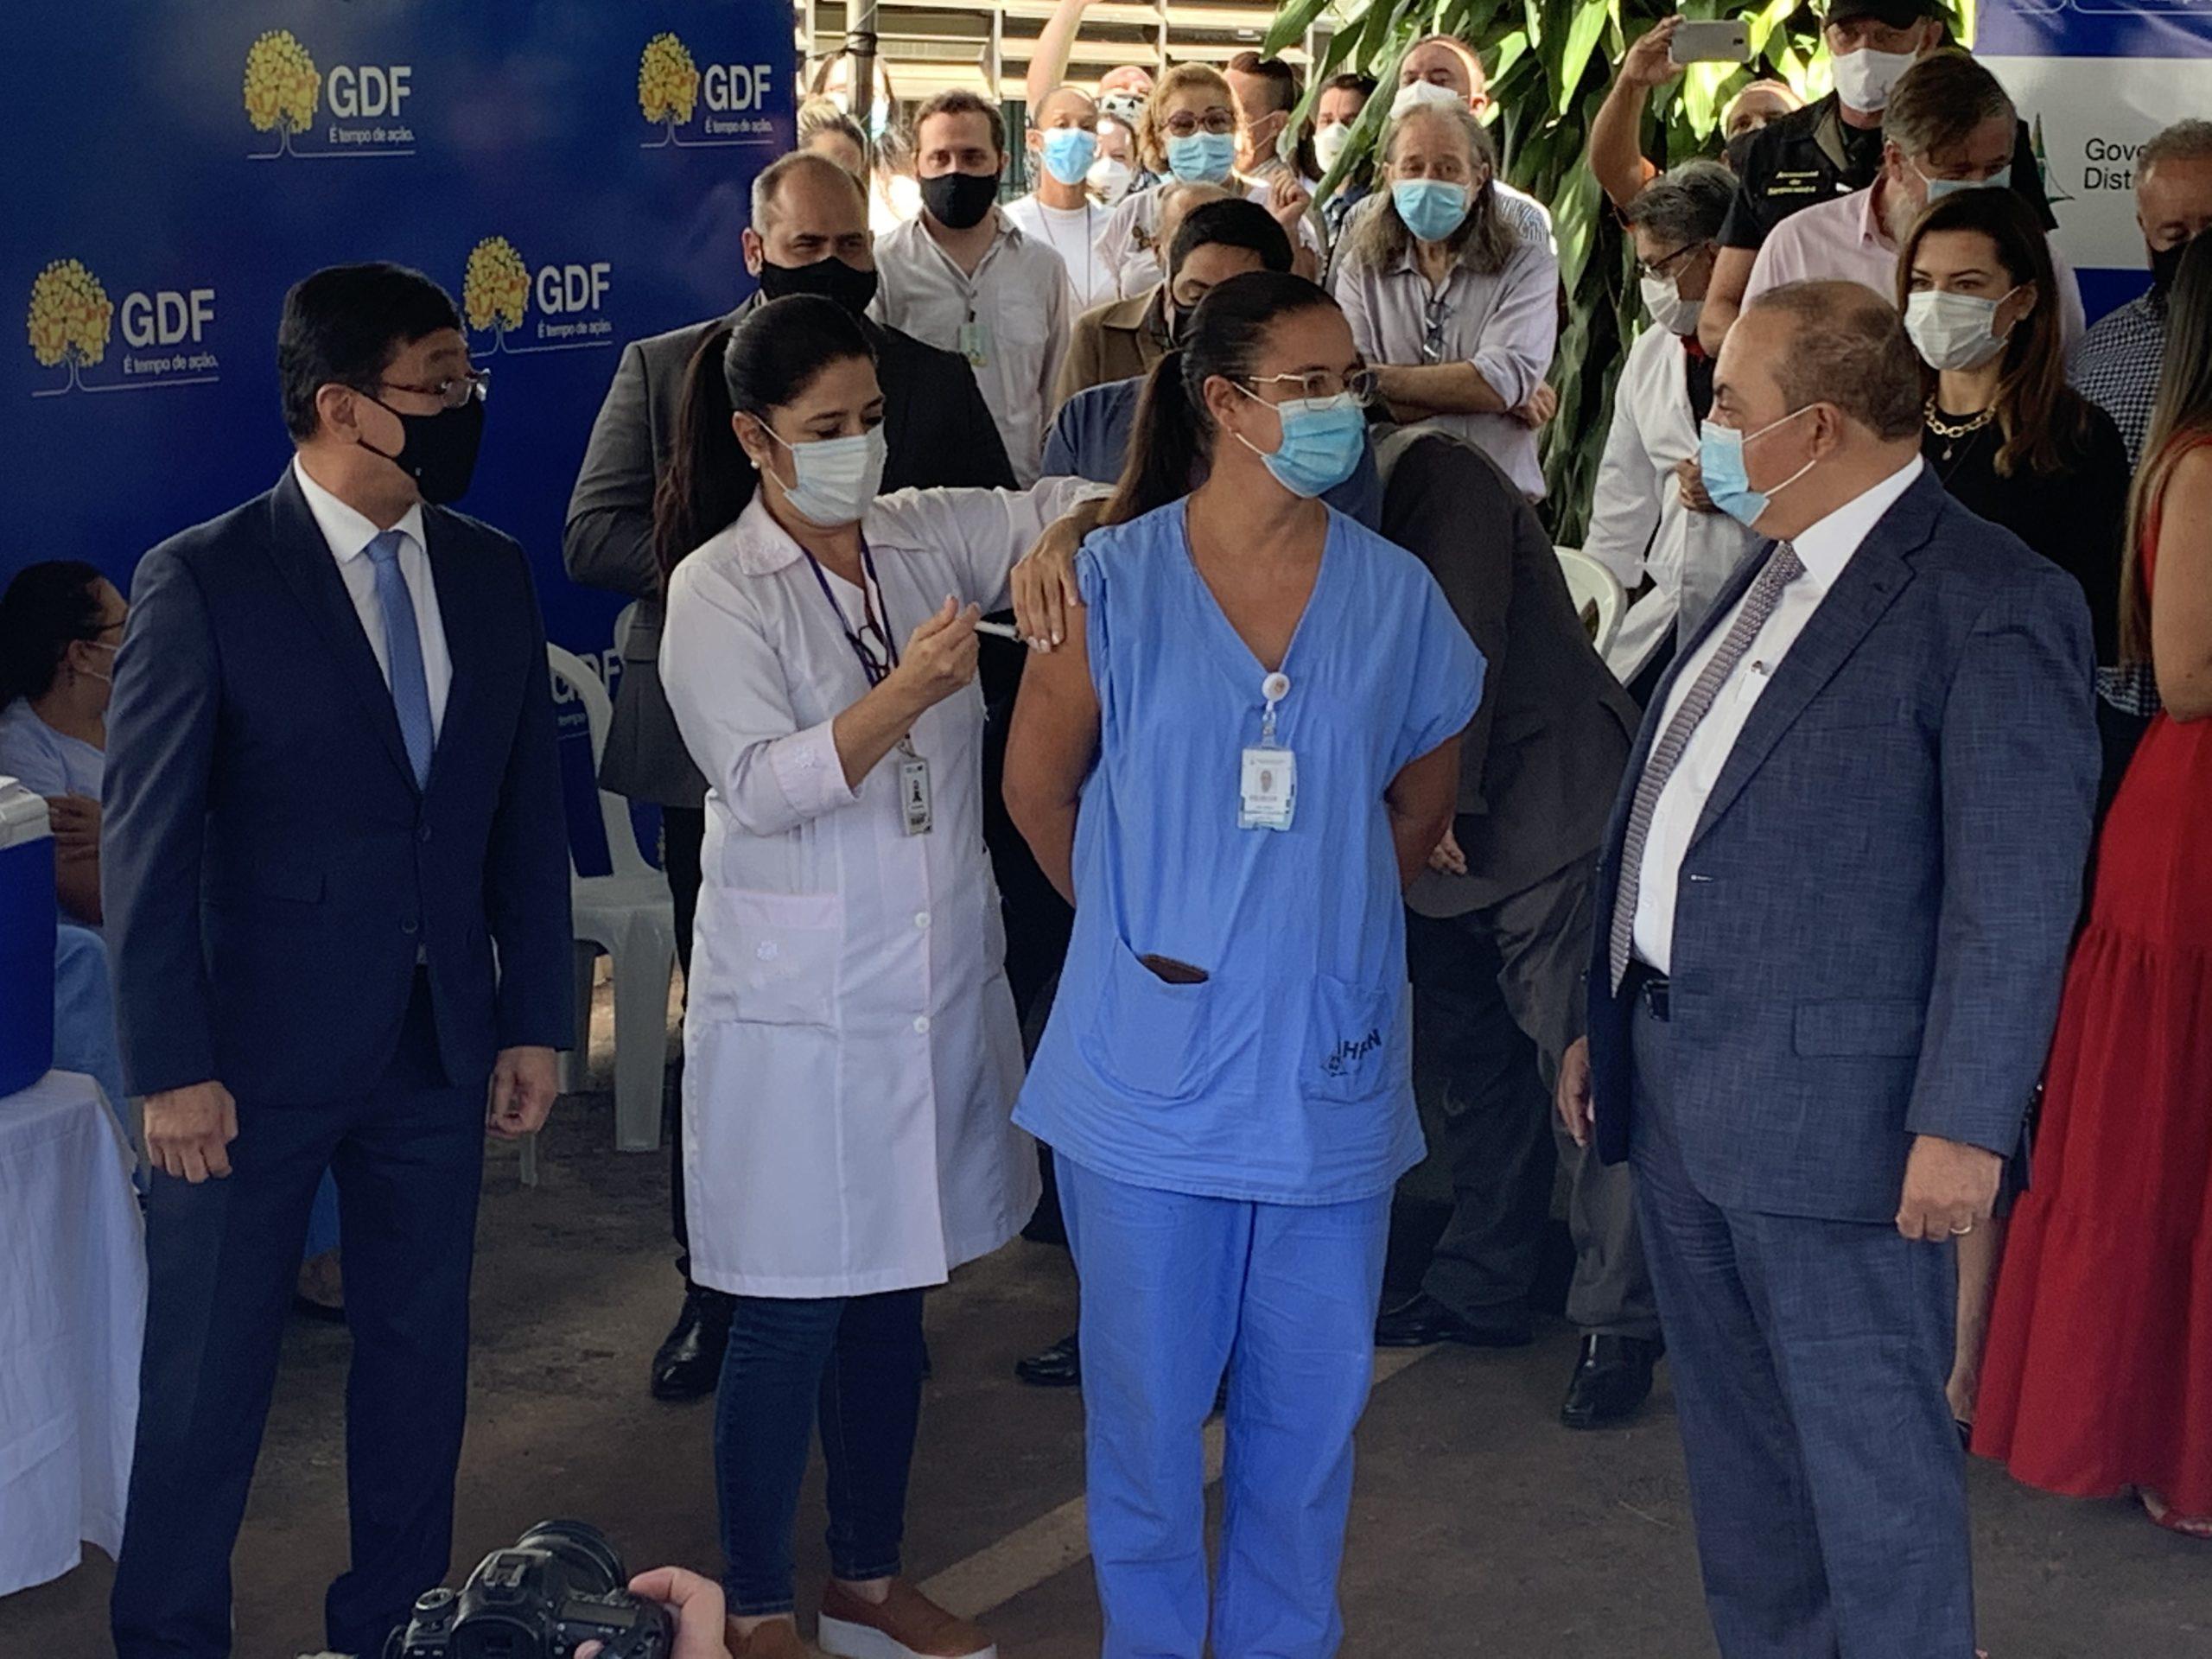 MAIS DE 7 MIL IMUNIZADOS   Nos dois primeiros dias, DF avança com a 1ª etapa de vacinação contra covid